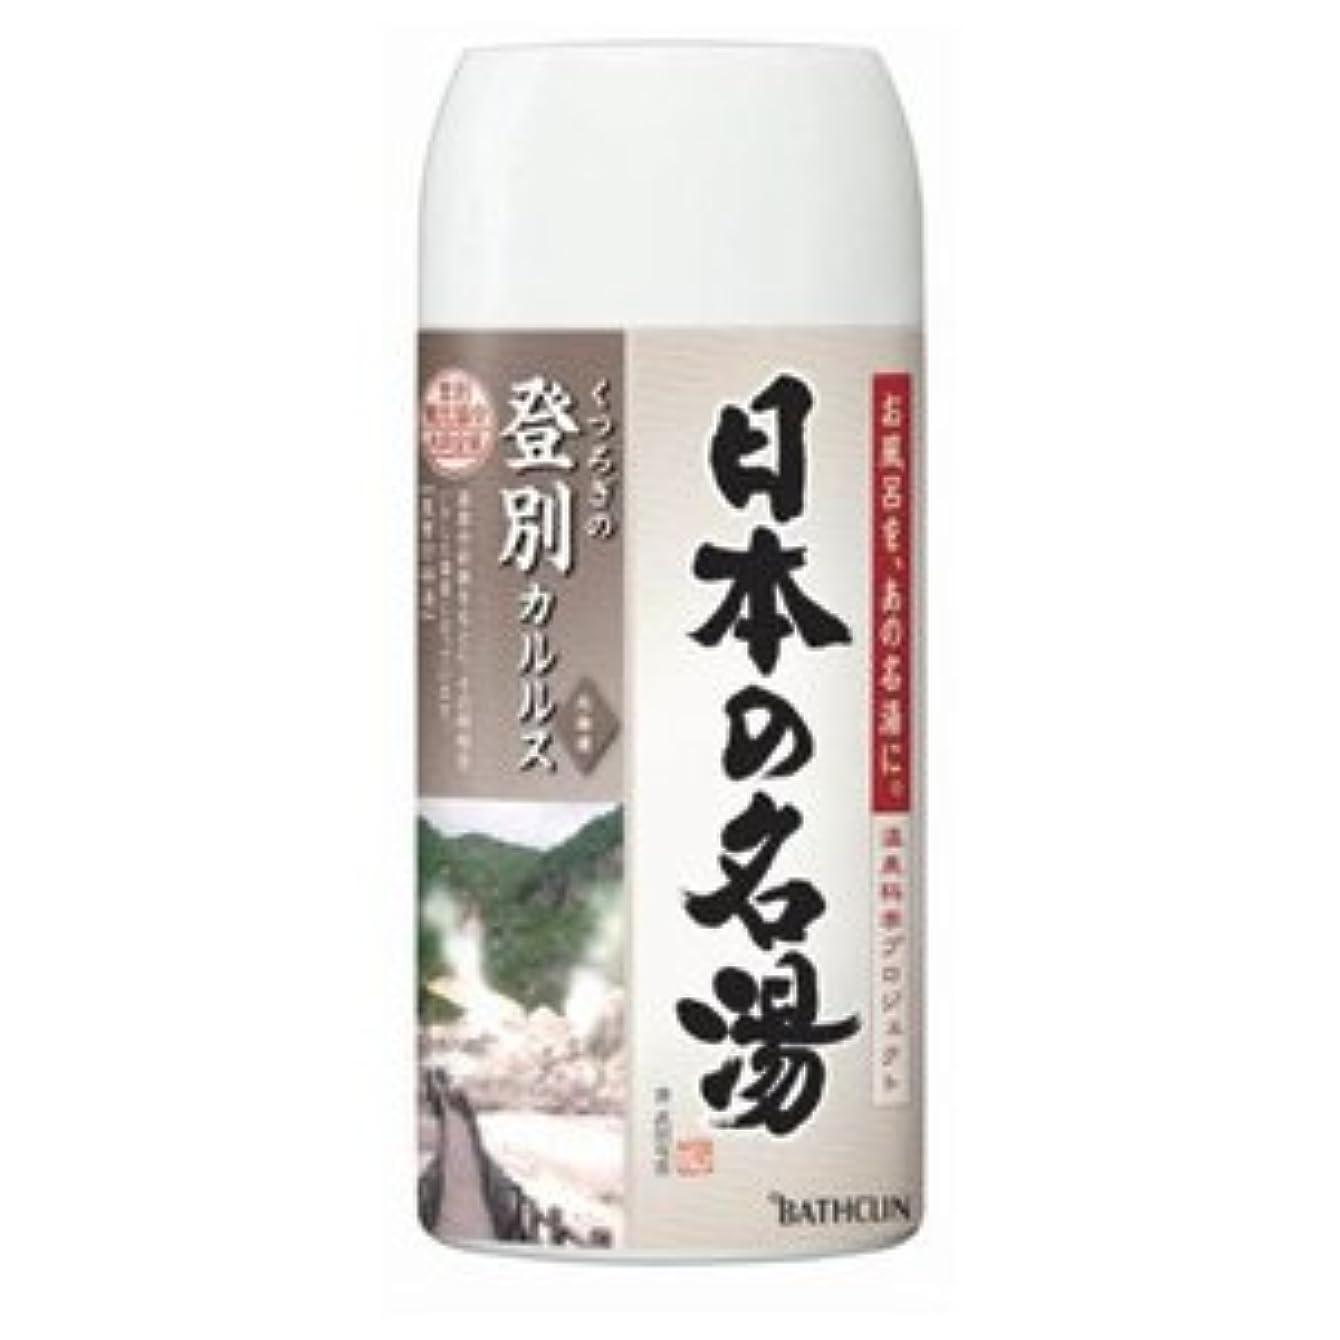 美しいチキンぐったりバスクリン 日本の名湯 登別カルルス 450g 薬用入浴剤 澄み切った大気の香り 医薬部外品 (お風呂?バス用品)×12点セット (4548514135246)